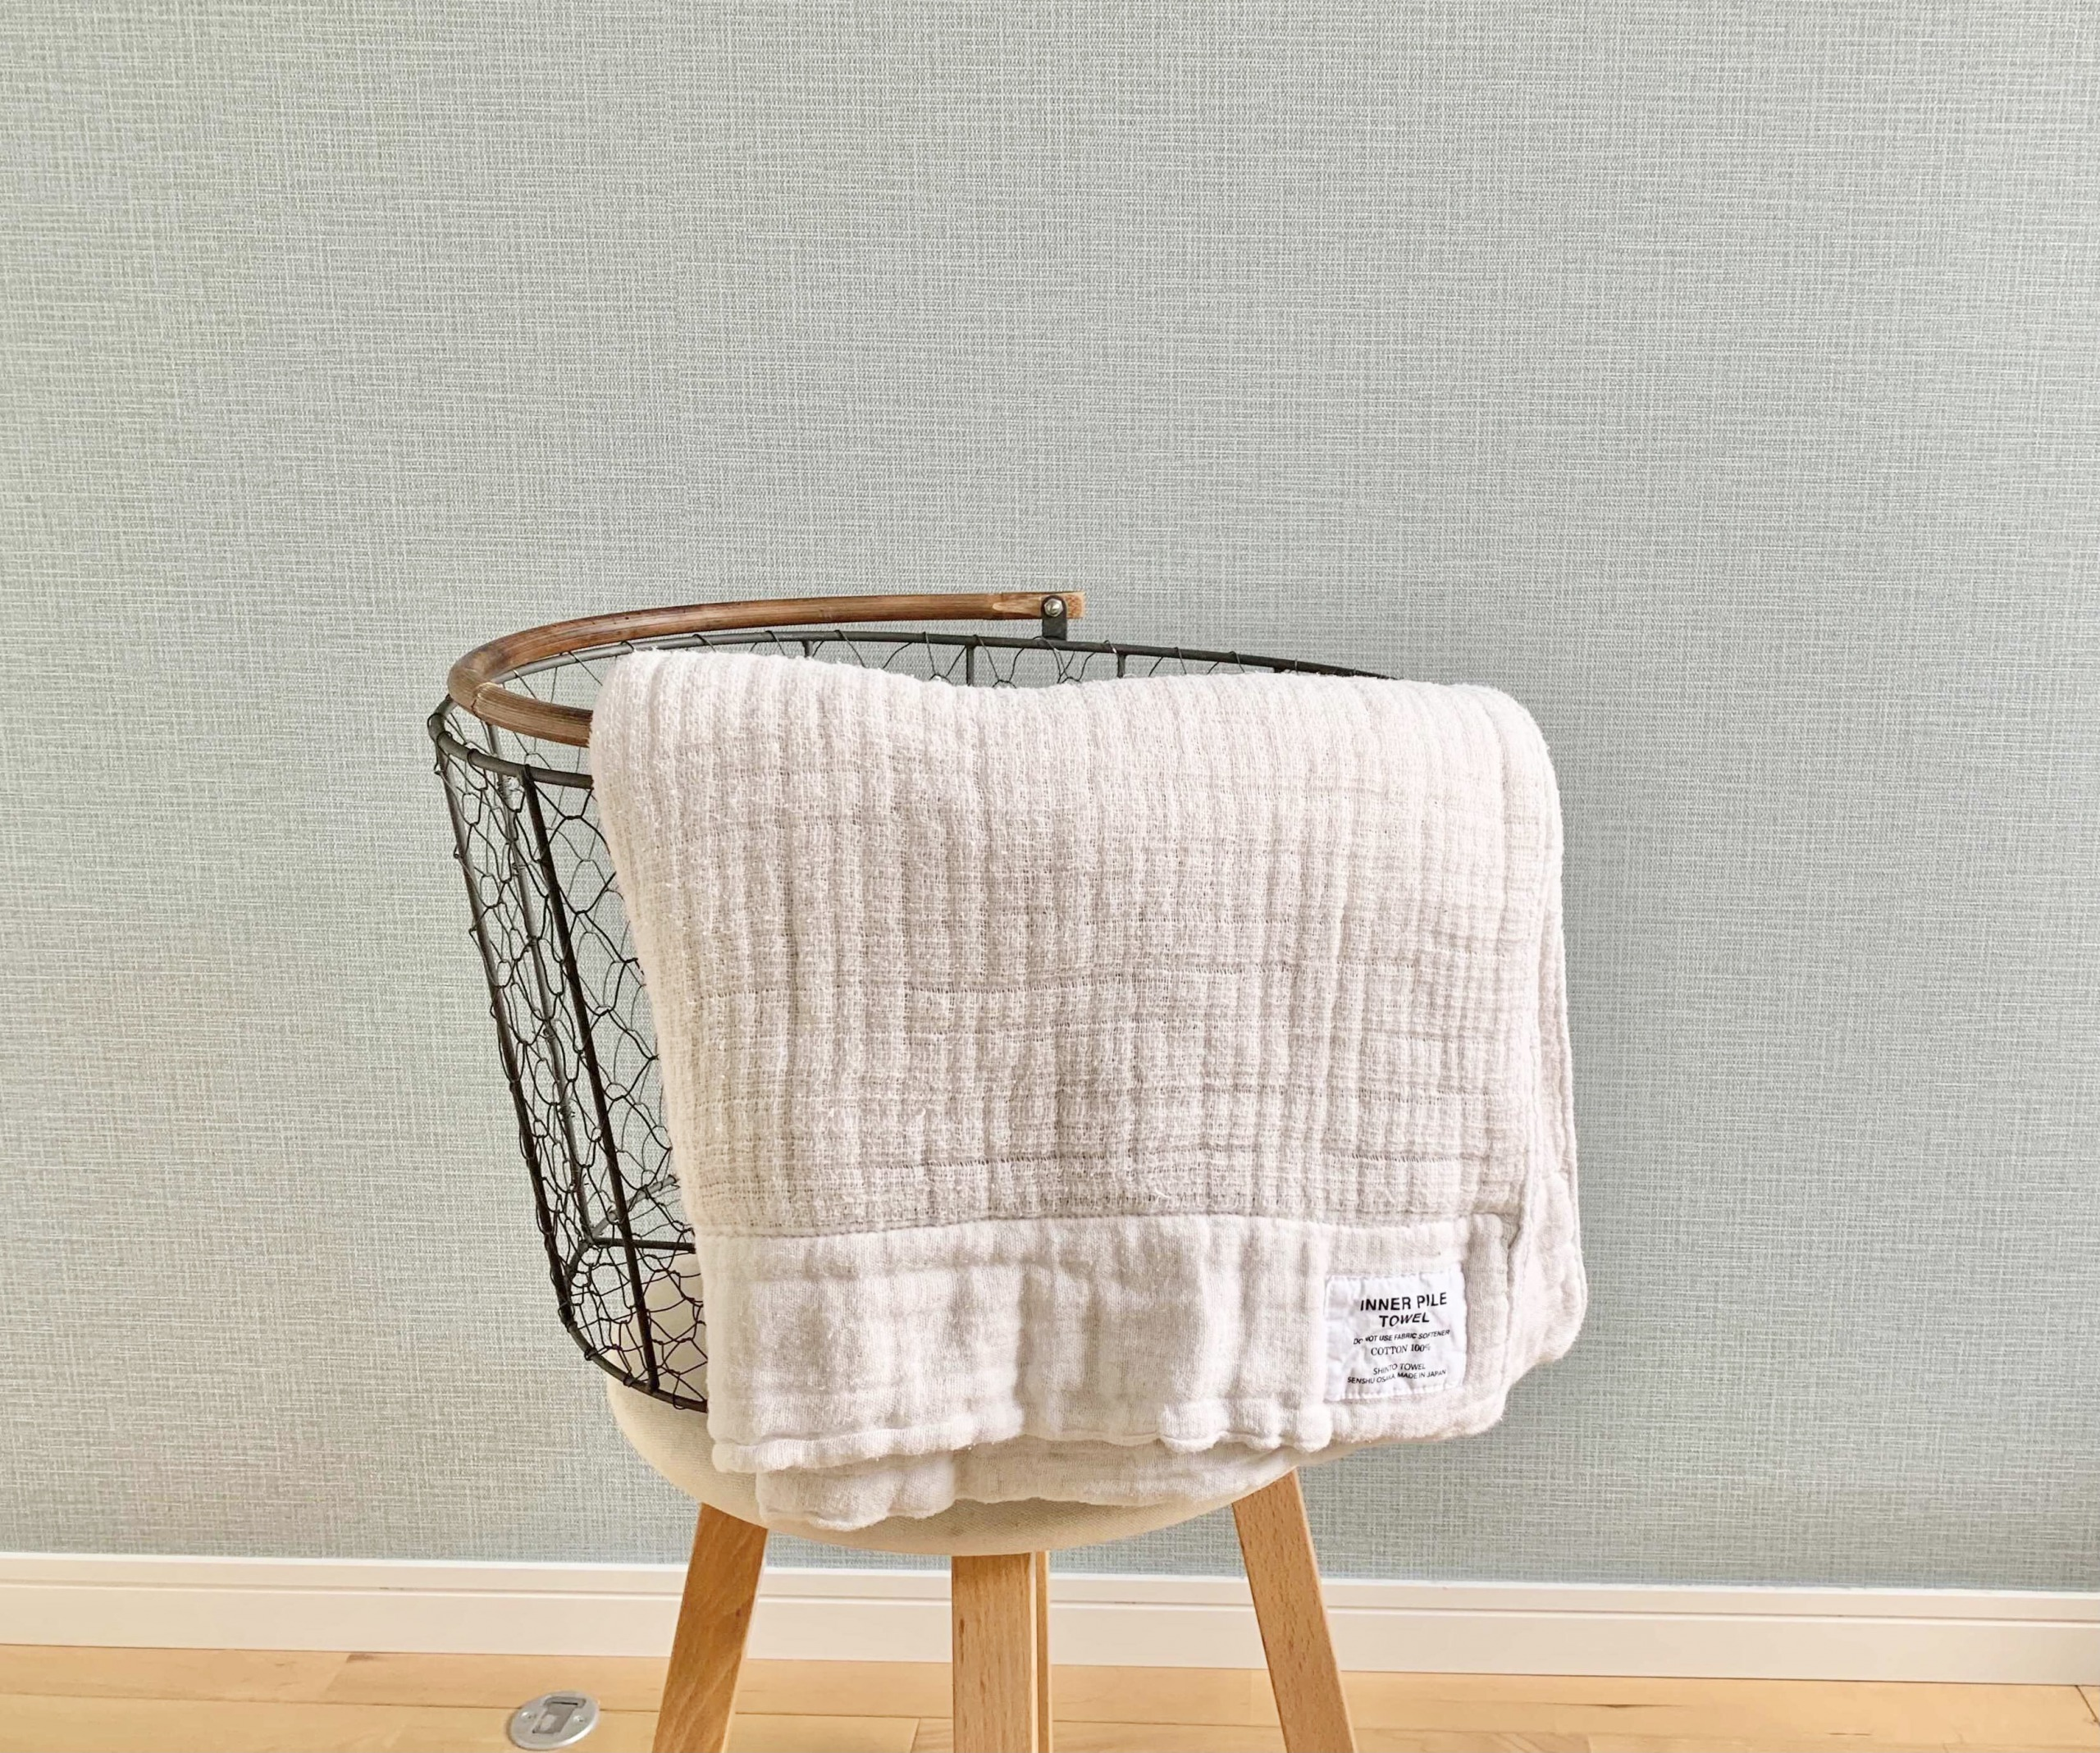 洗濯しても柔らかさが長持ち。肌触りが気持ちいい神藤タオルのインナーパイルバスタオル